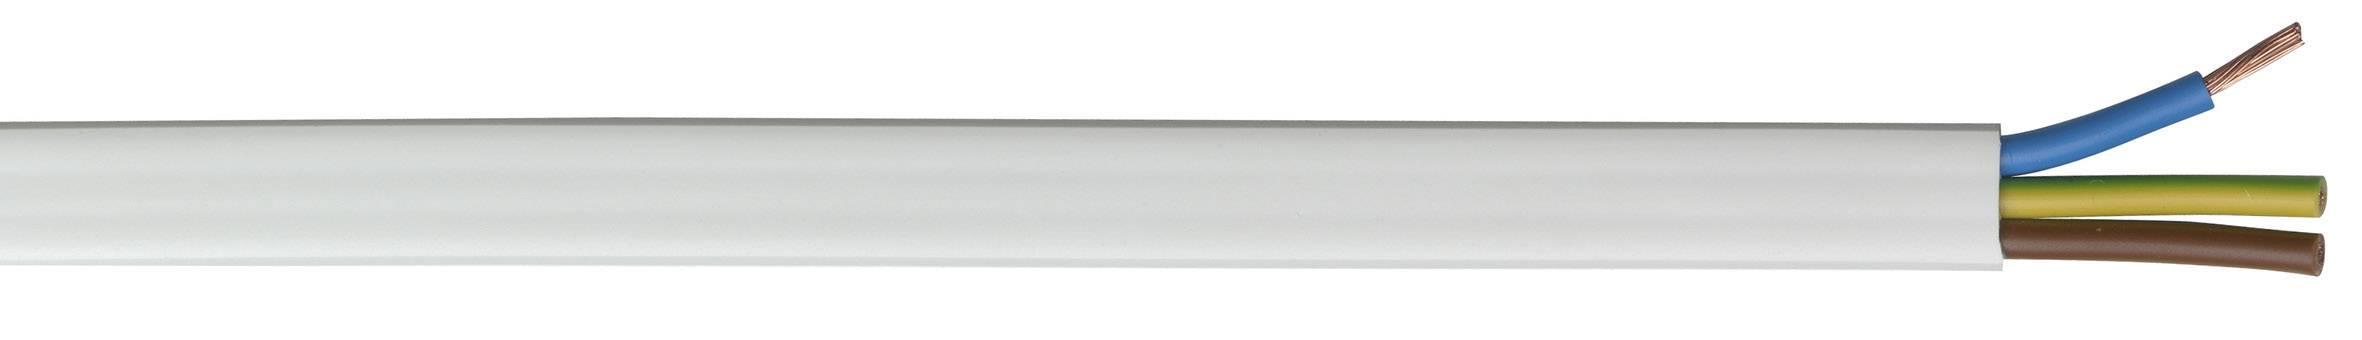 Plochý instalační kabel S05VVH2-F TRU COMPONENTS 3038642/500, 3 x 1.50 mm², bílá, metrové zboží